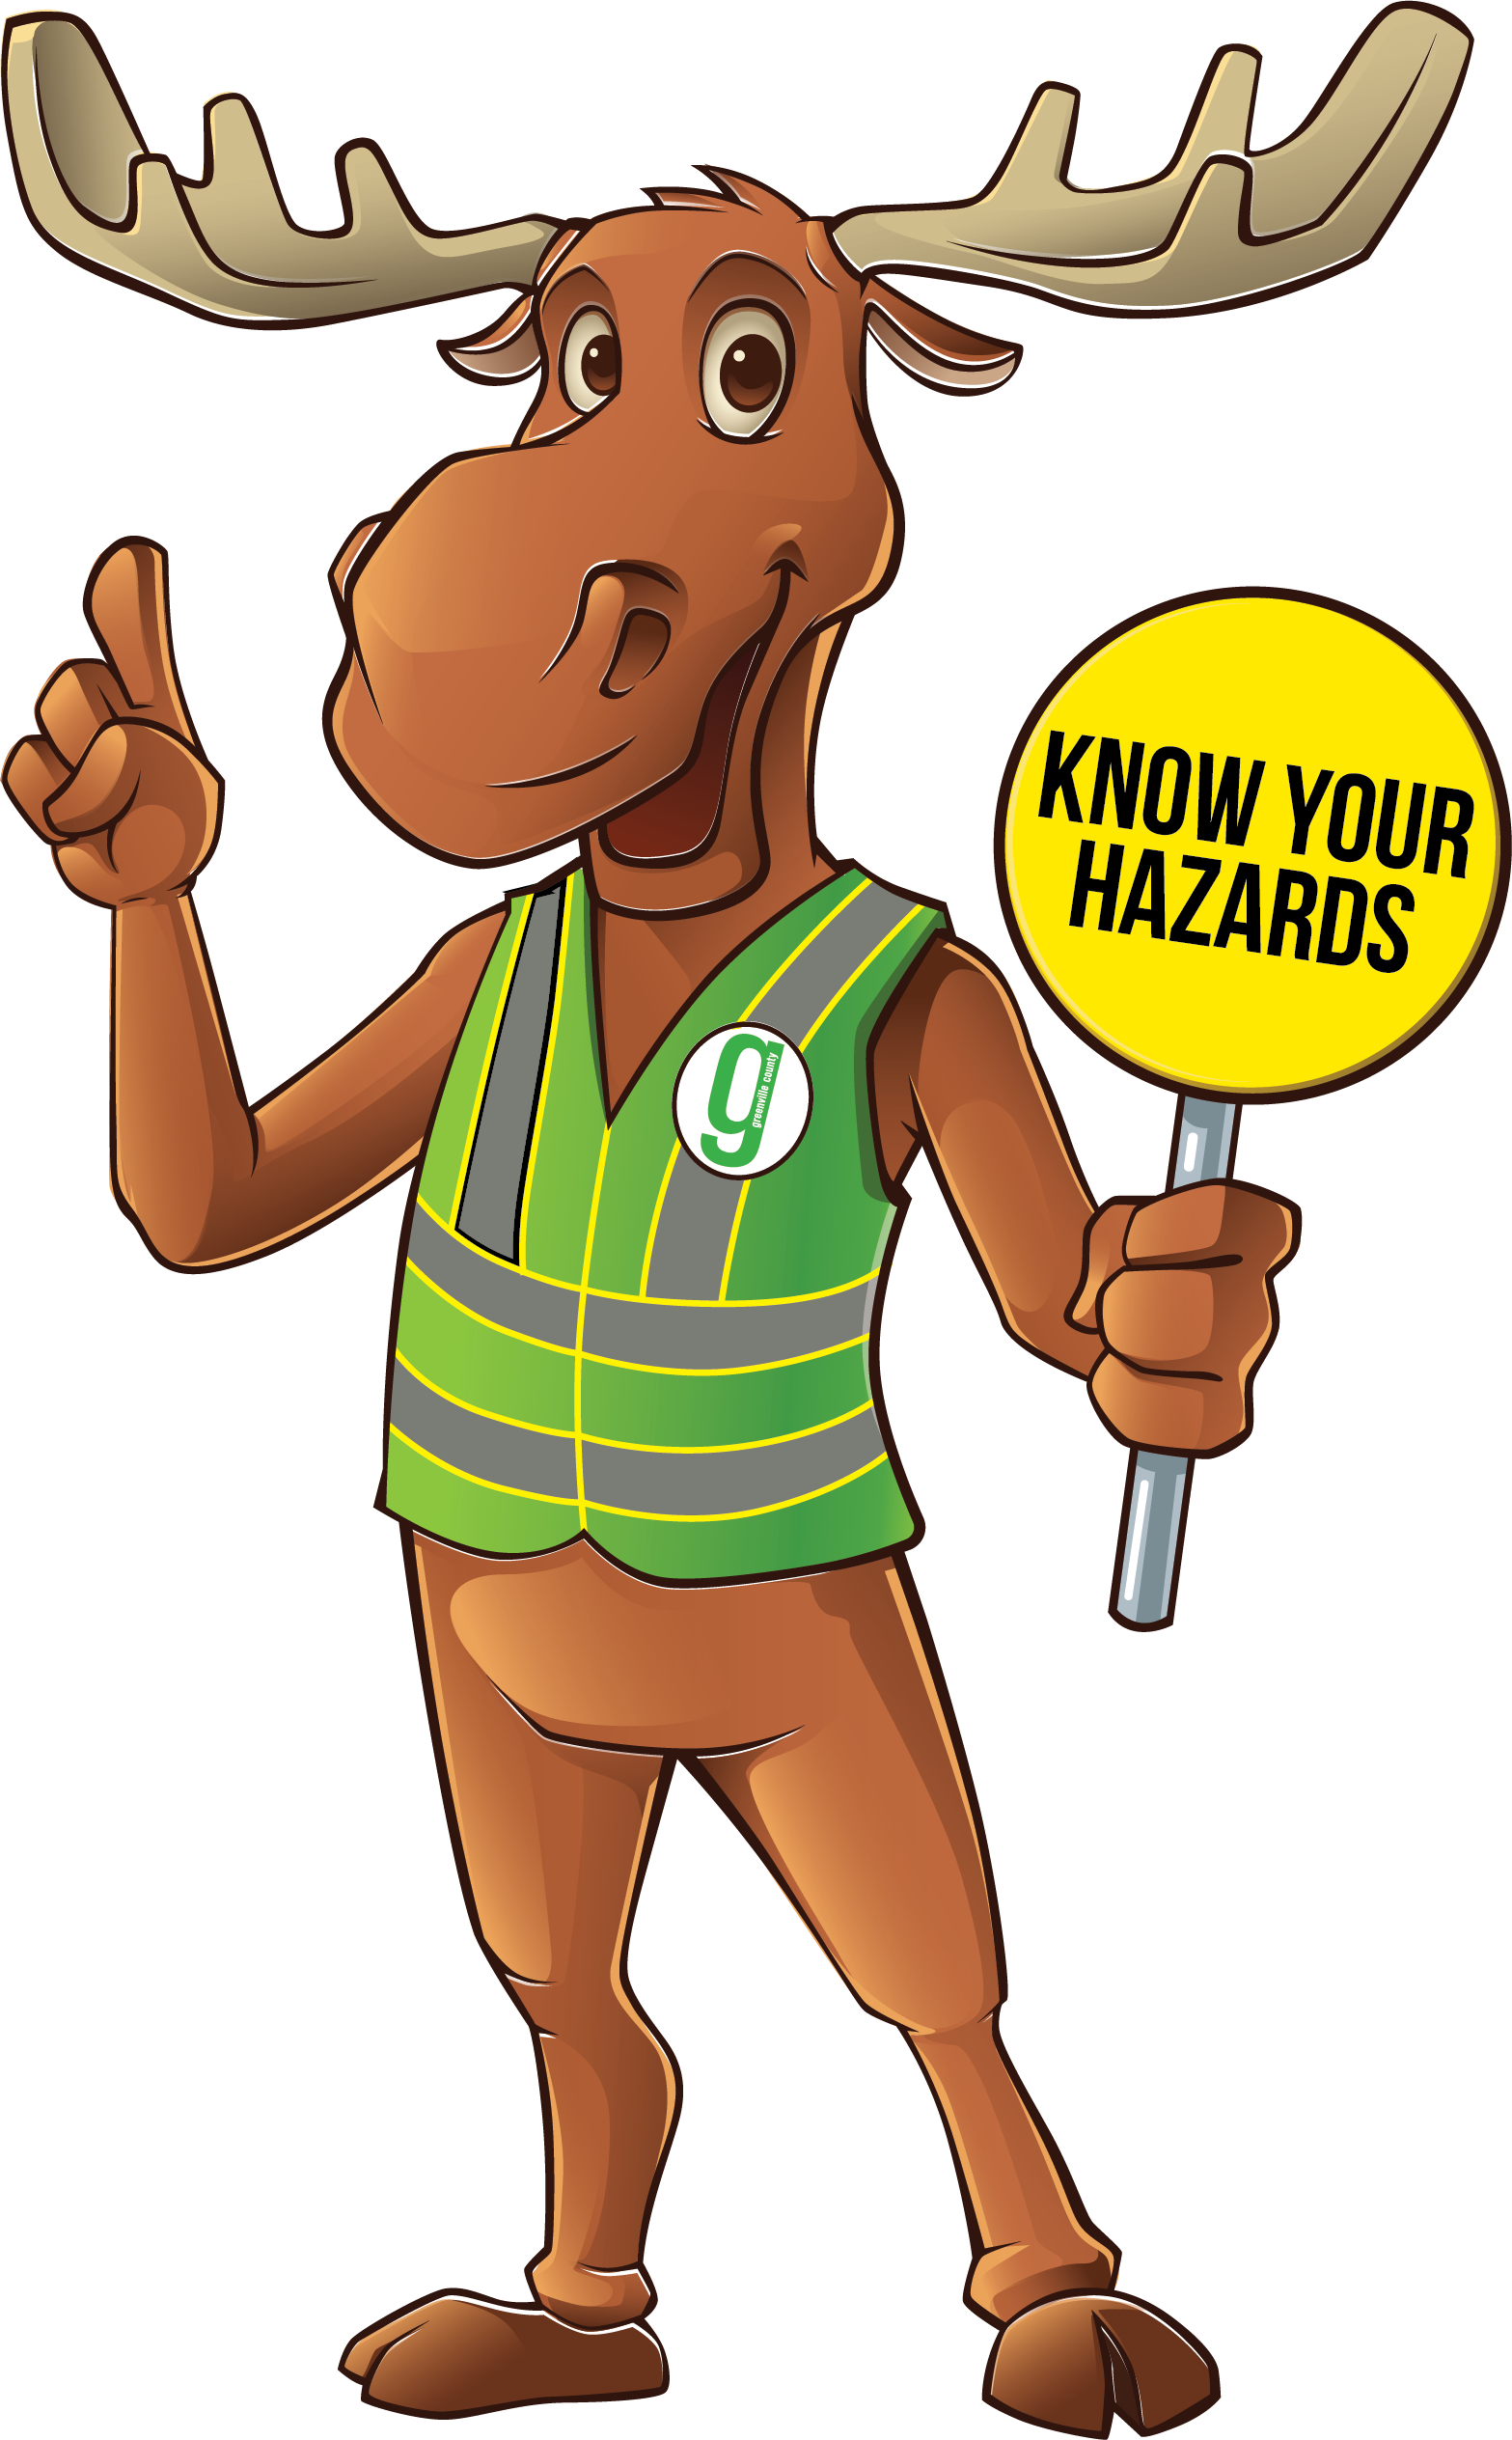 knowyourhazards